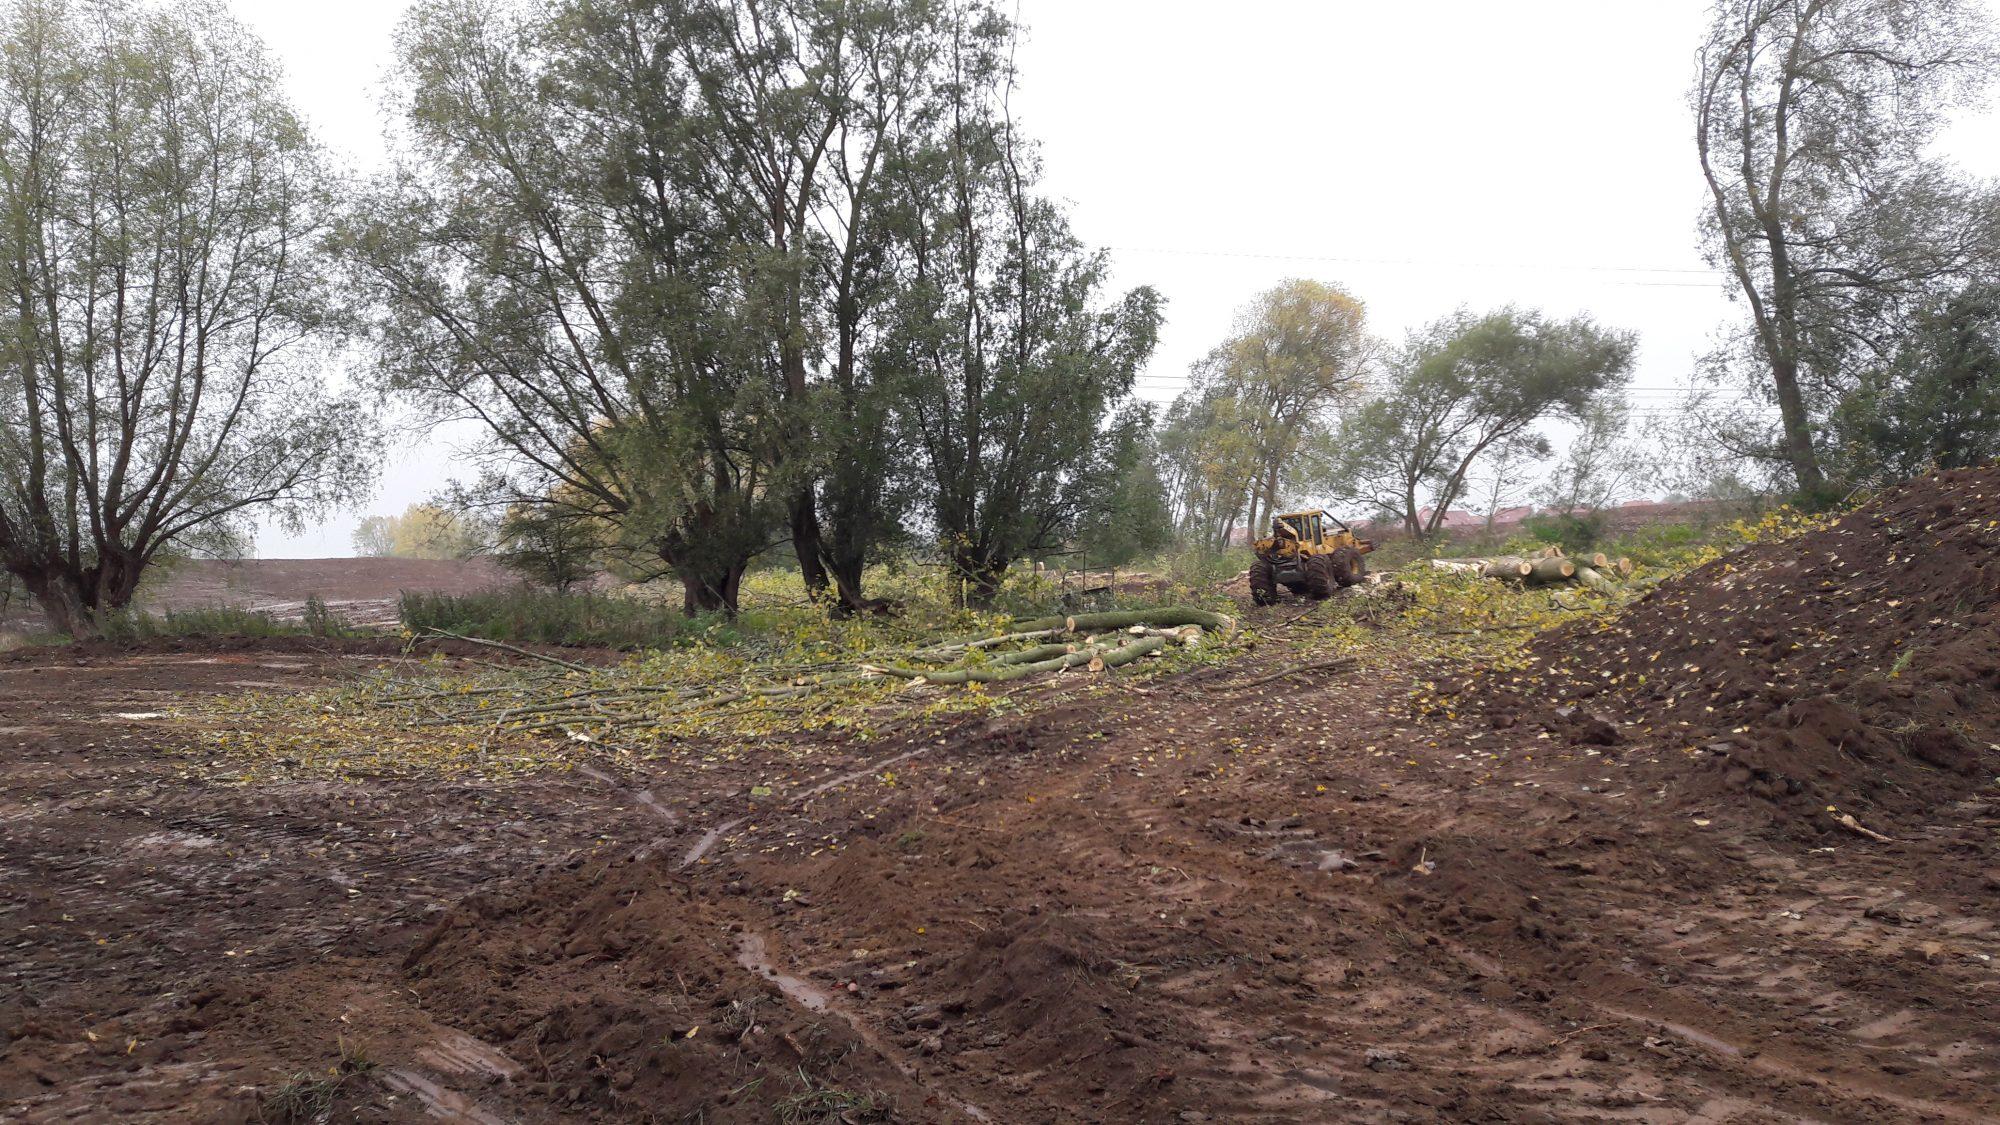 Les arbres de moindre intéret écologique abattus (peupliers)